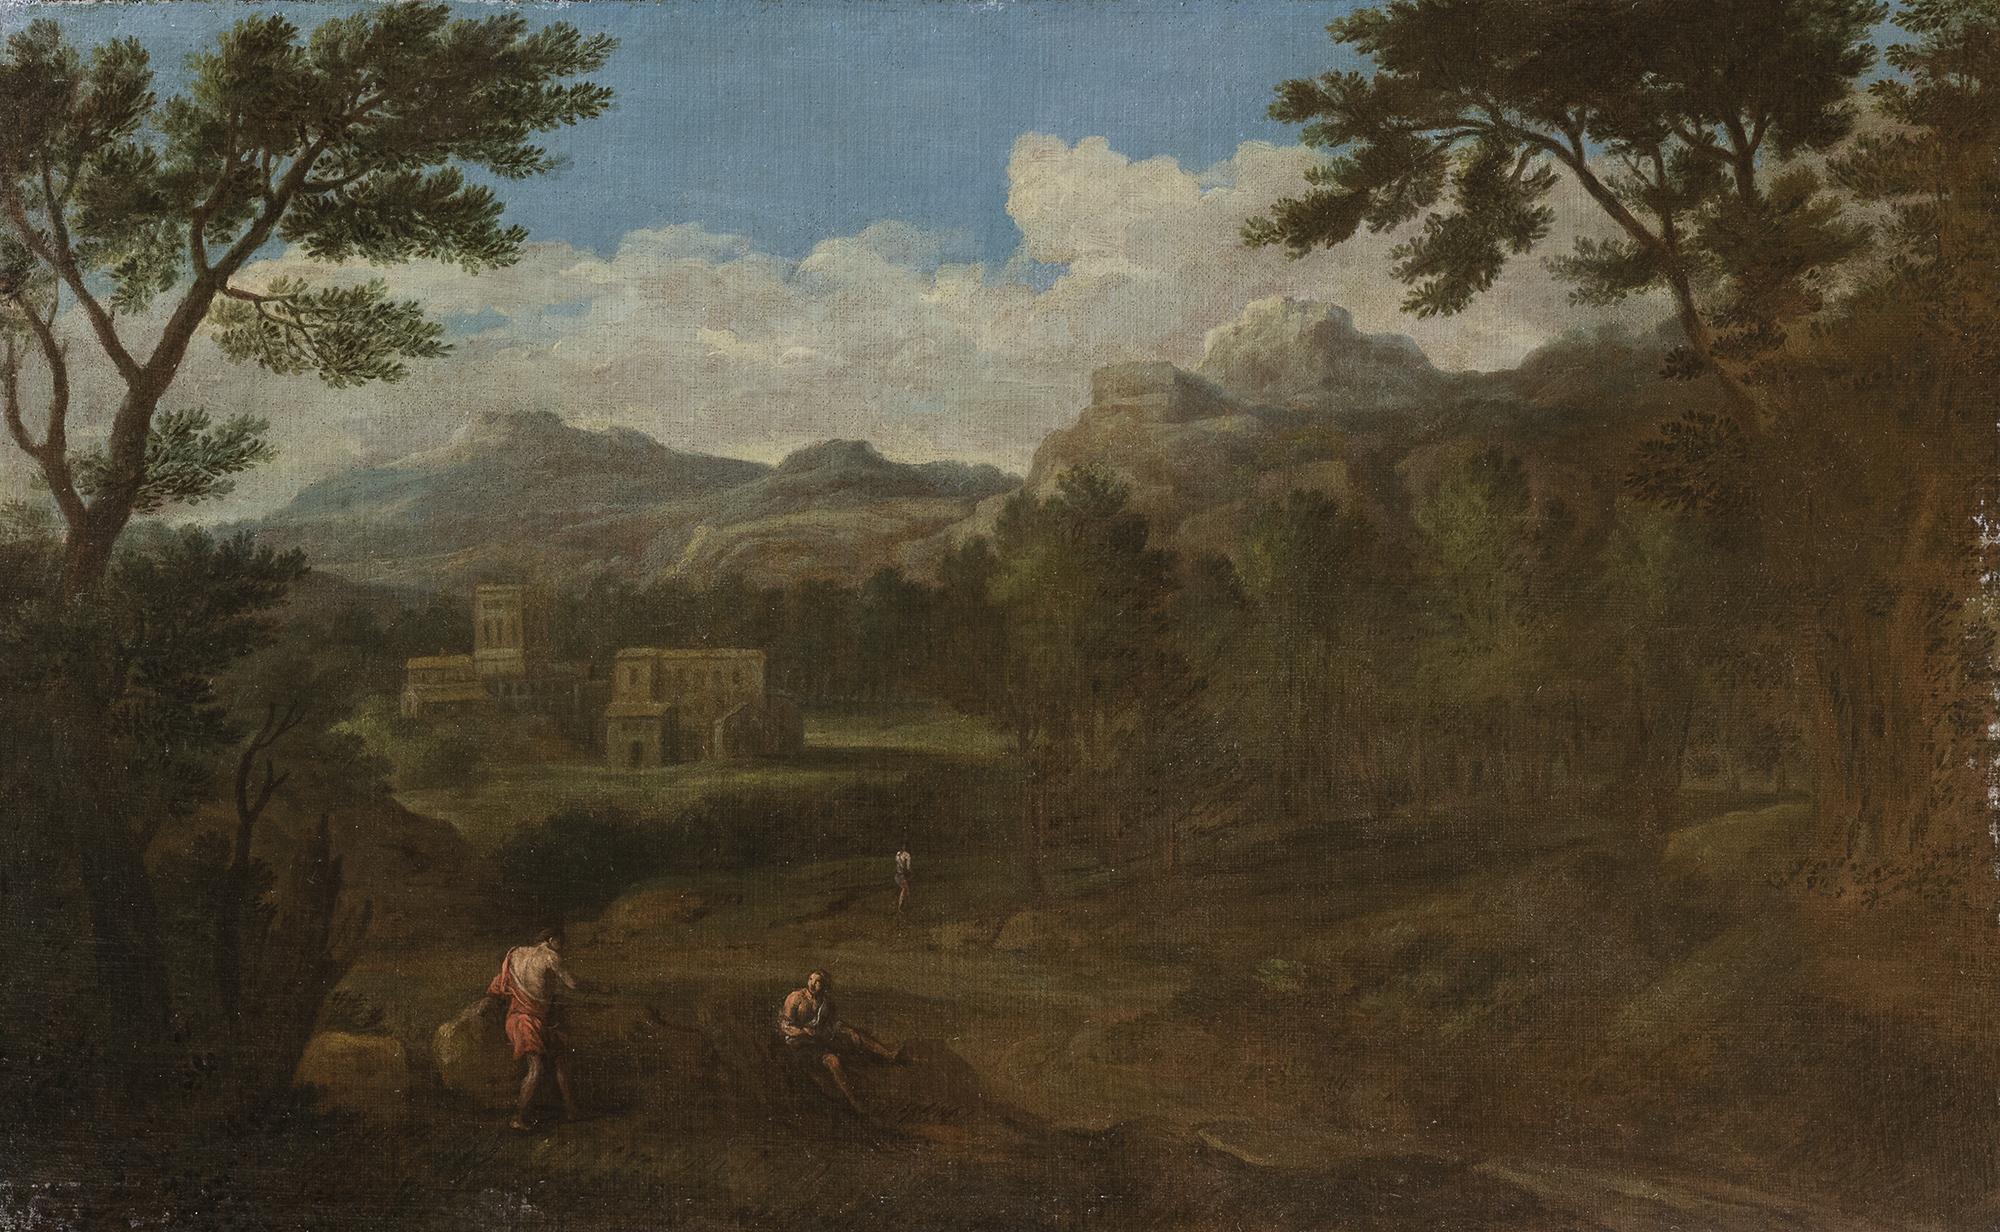 Paesaggio laziale con figure e borgo in lontananza